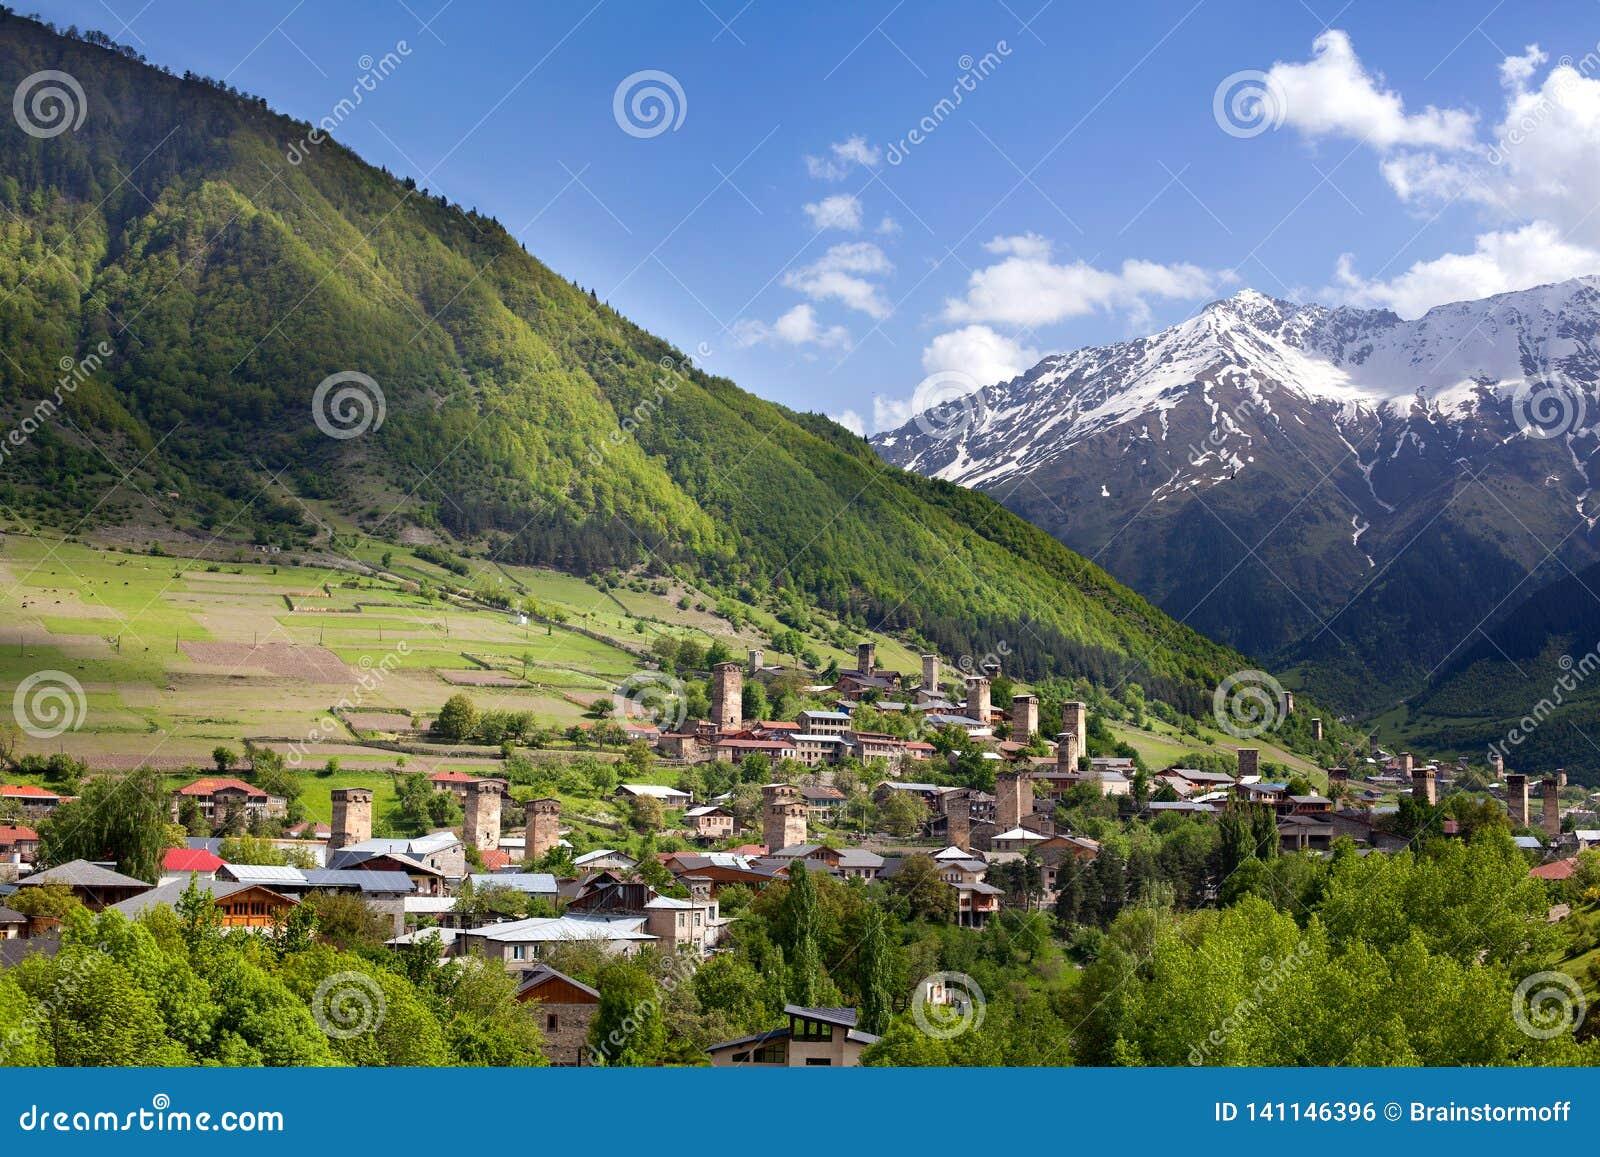 Vila de Ushguli em Geórgia, região de Svaneti, torres antigas nas montanhas caucasianos altas de um monte verde, picos de montanh